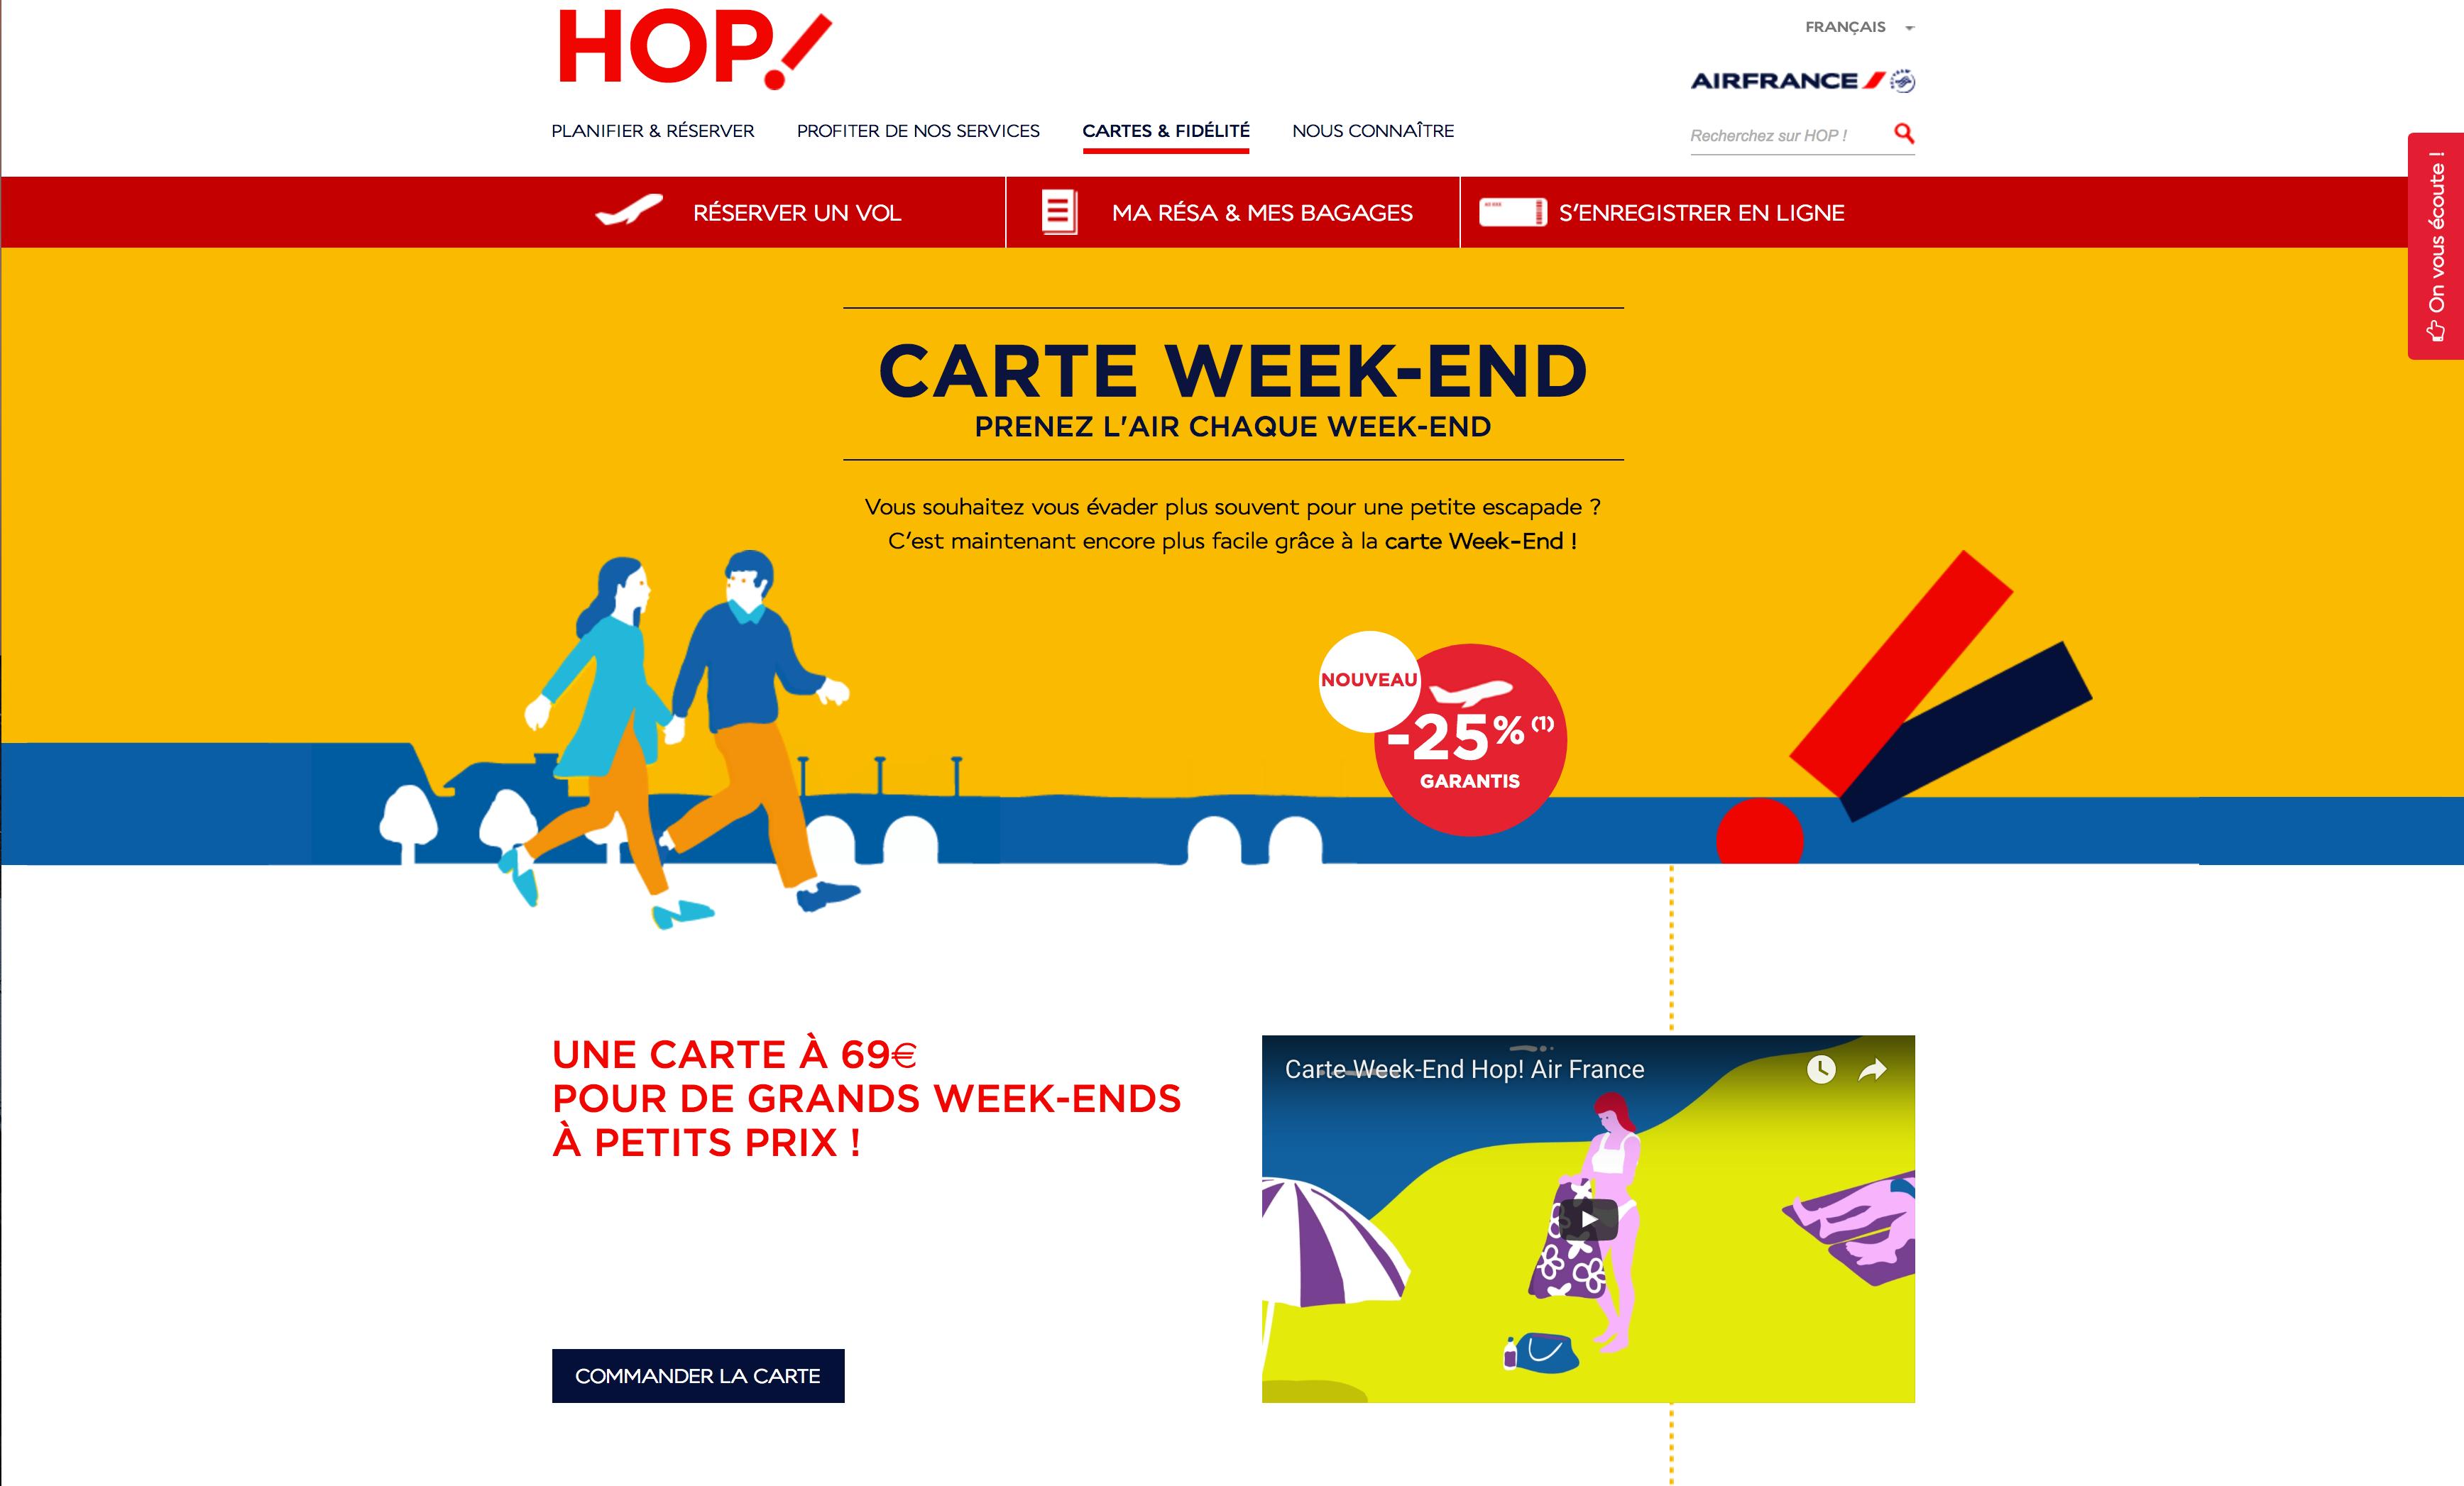 HOP!(A5)の週末割引カード